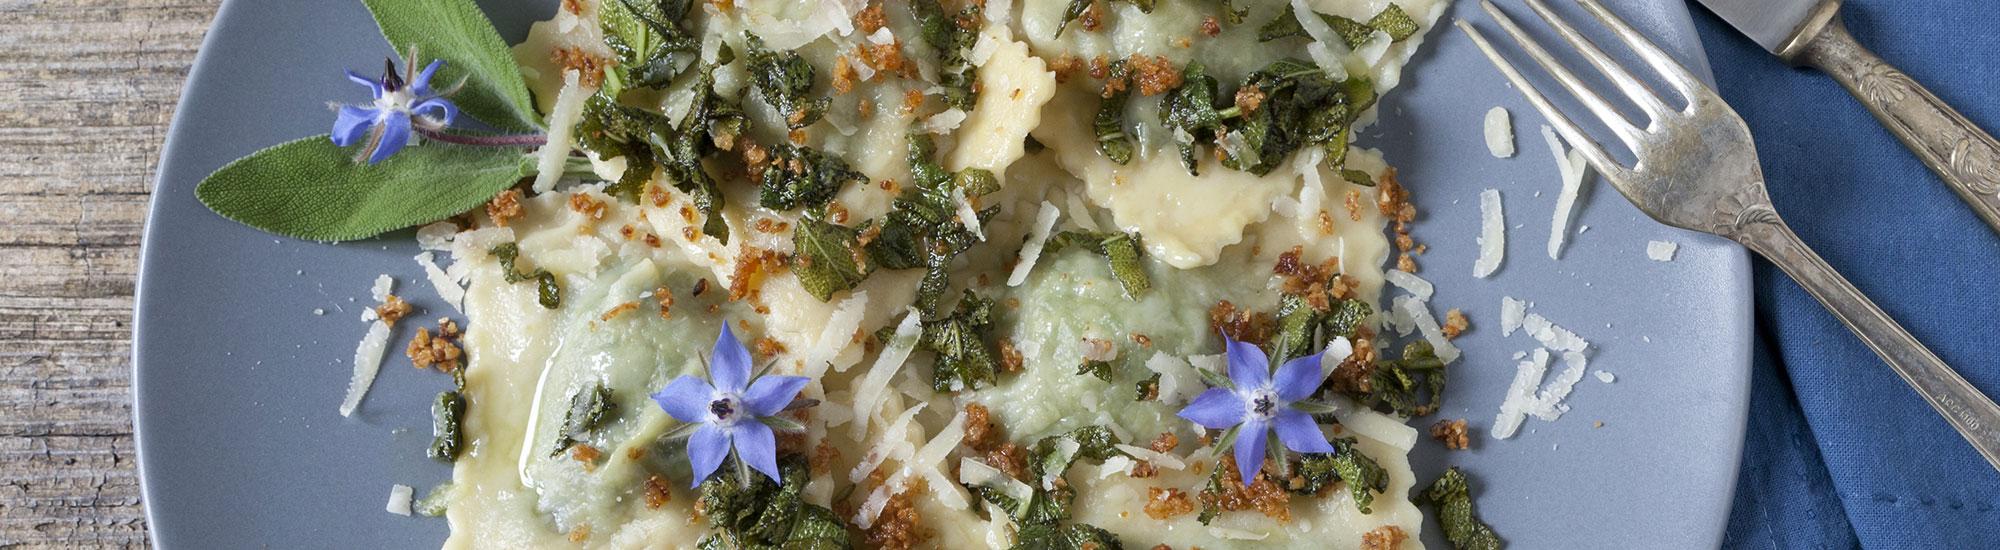 ricetta Ravioloni con borragine e cipolla croccante con pasta fresca